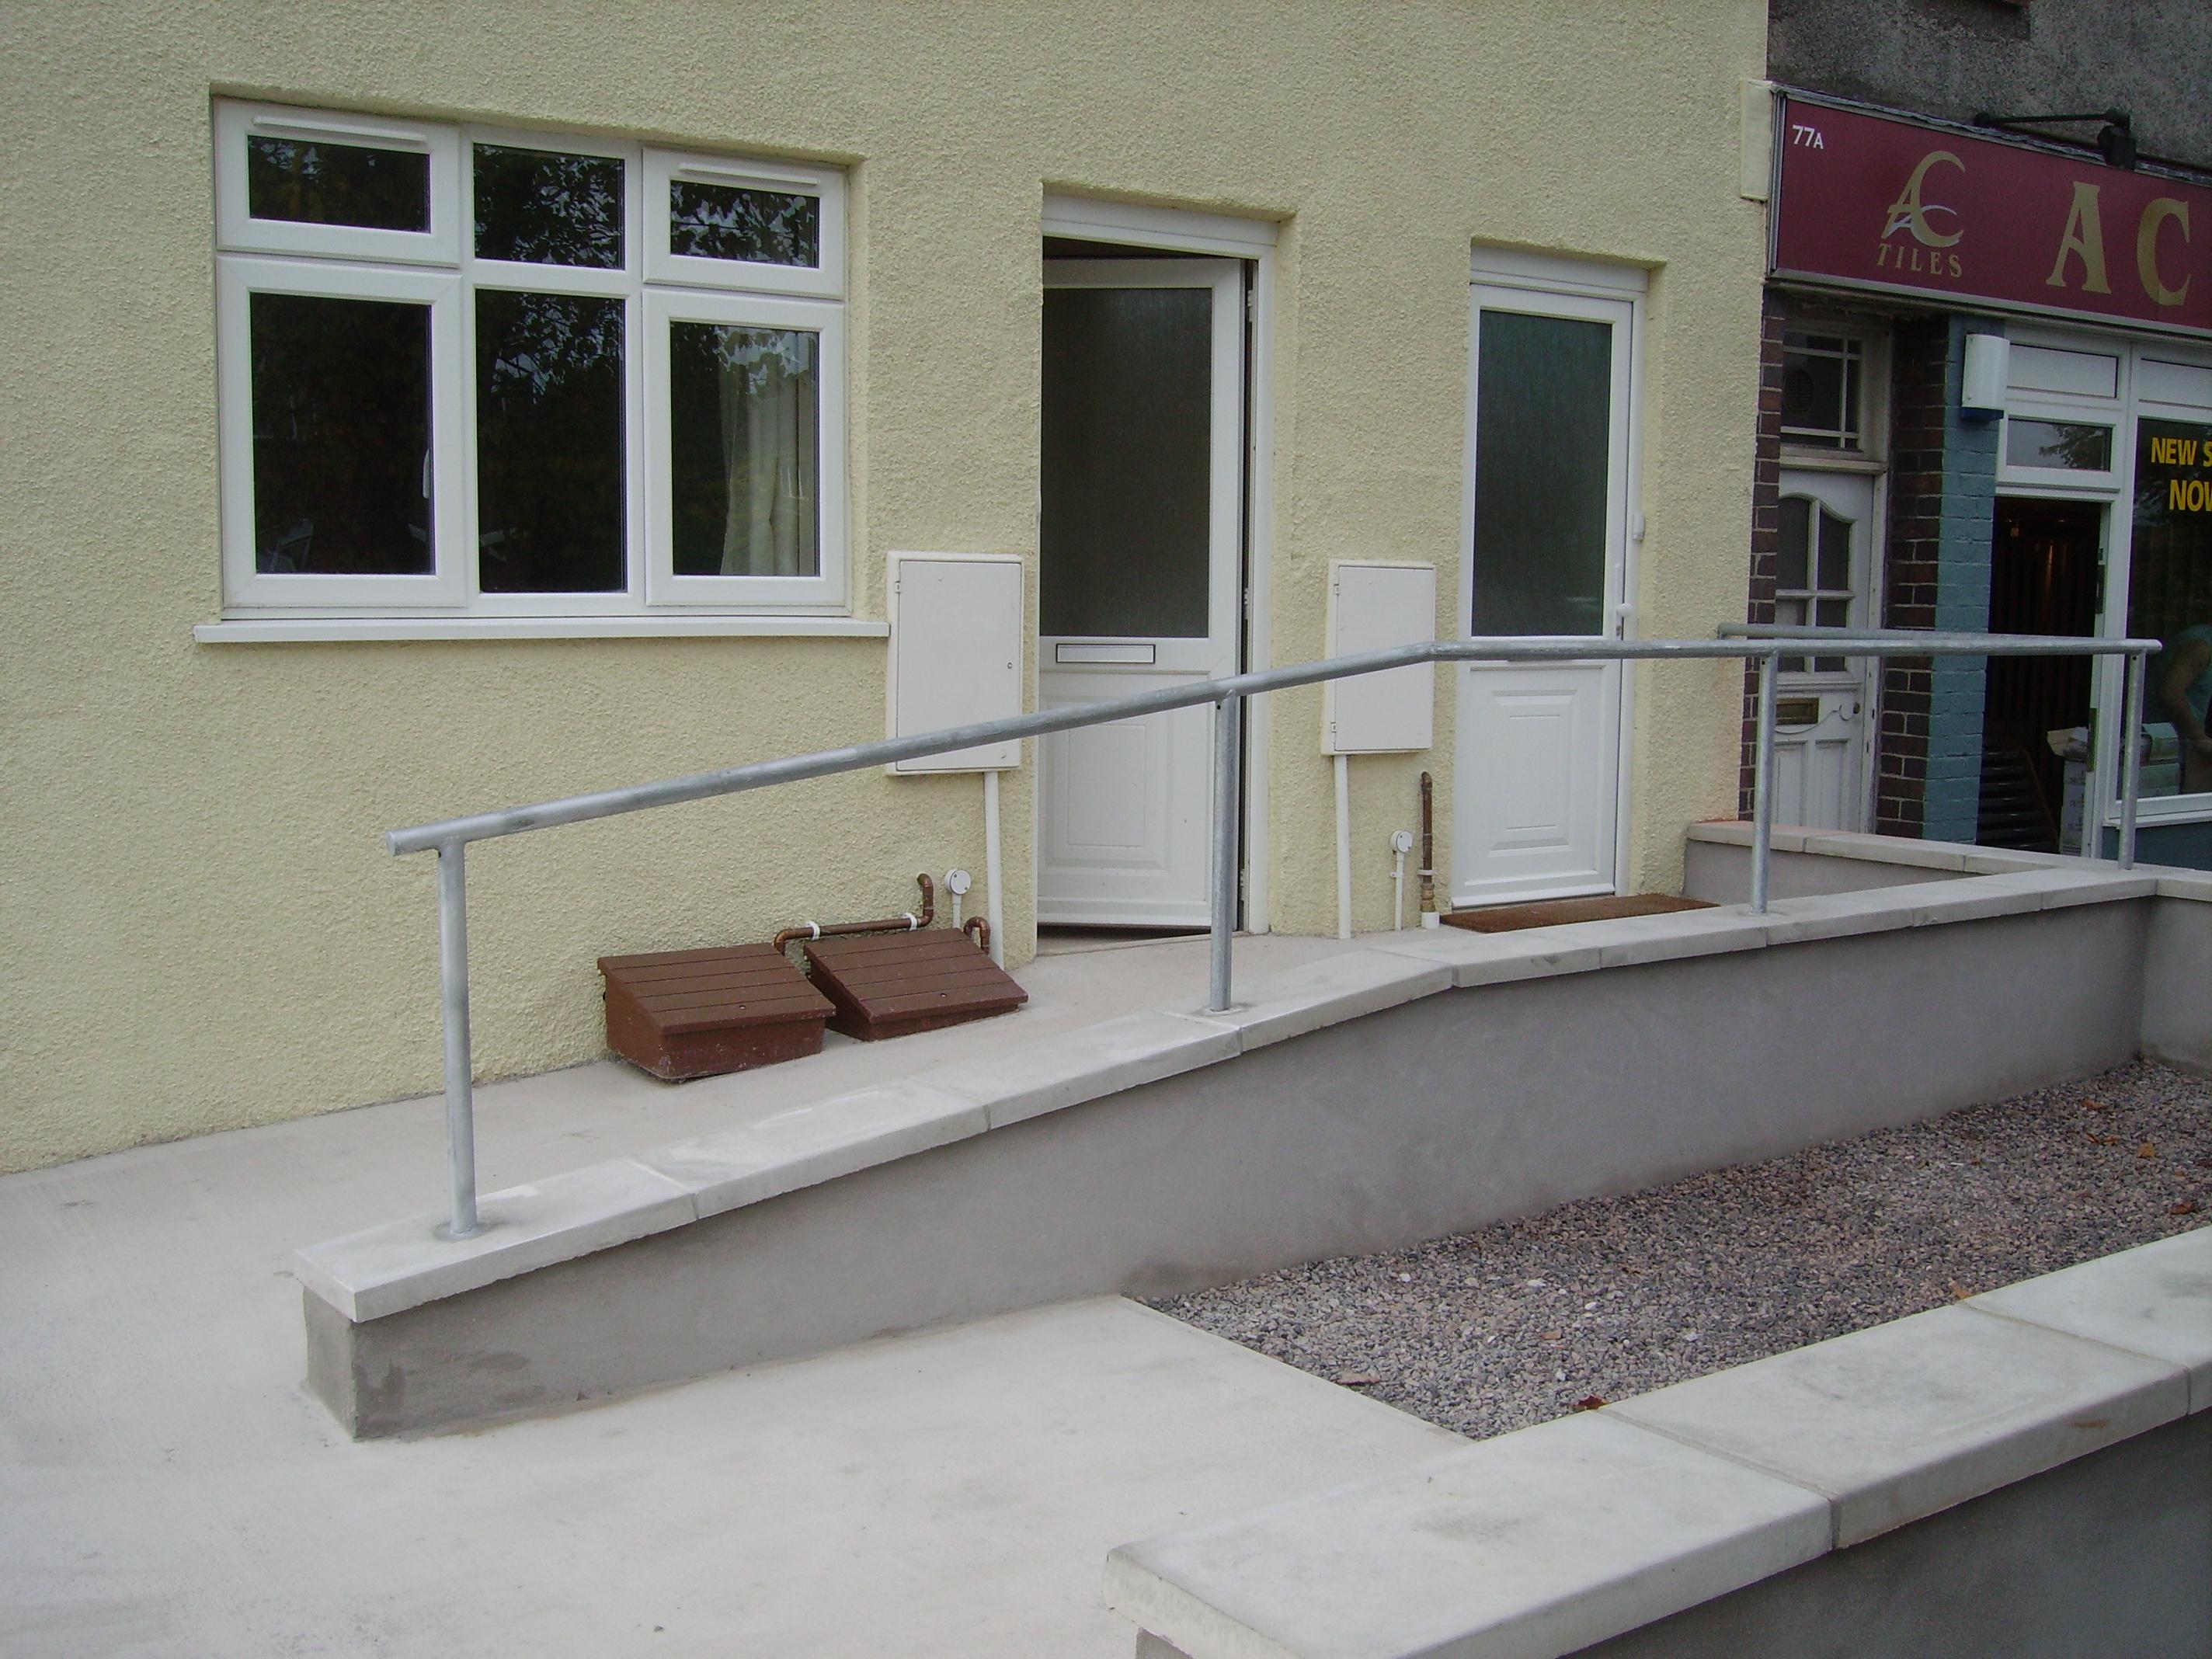 Handrails & Balconies